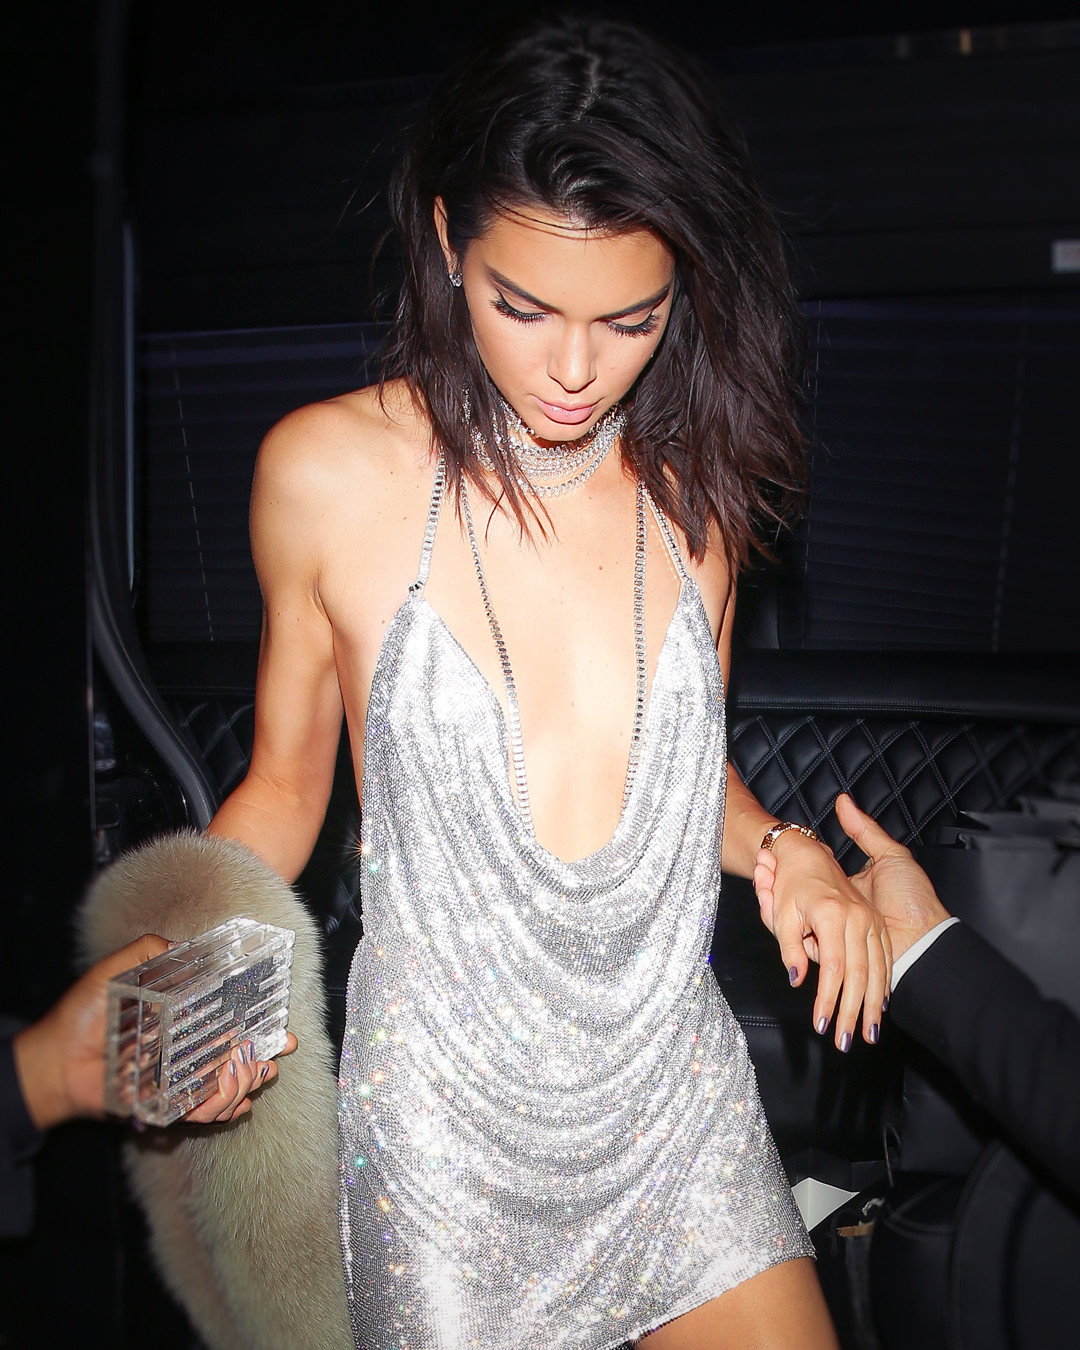 ESC: Kendall Jenner, 21st Birthday